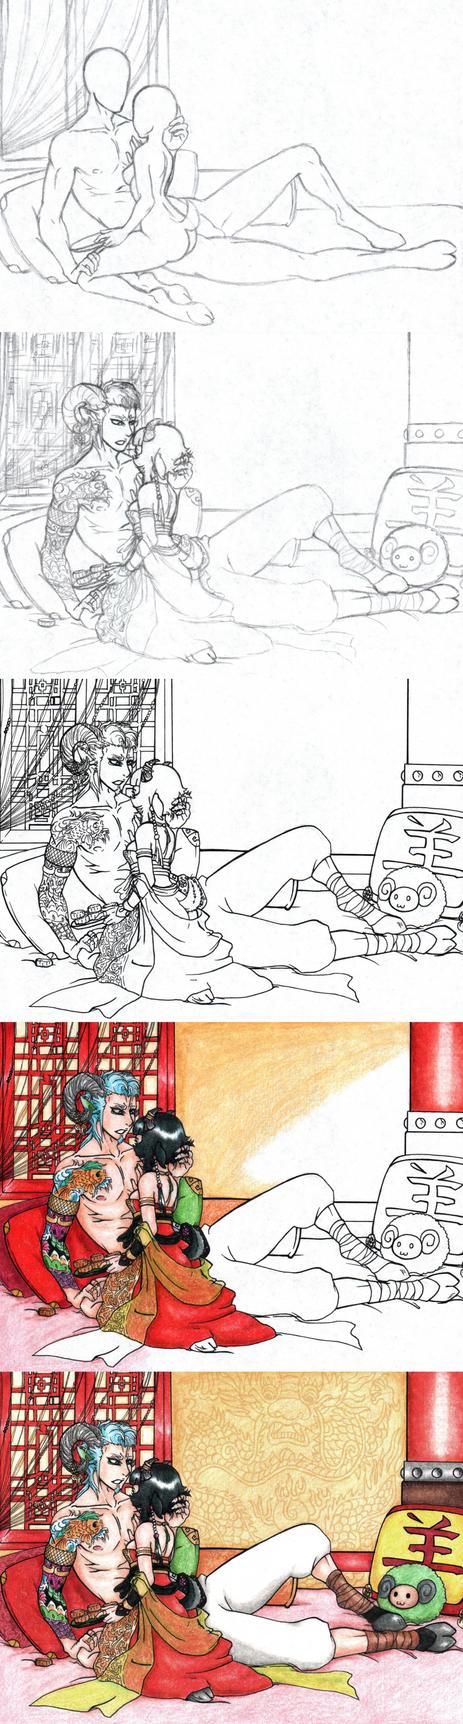 GrimmSoi Chinese New Year-Process by Ankoku-Sensei